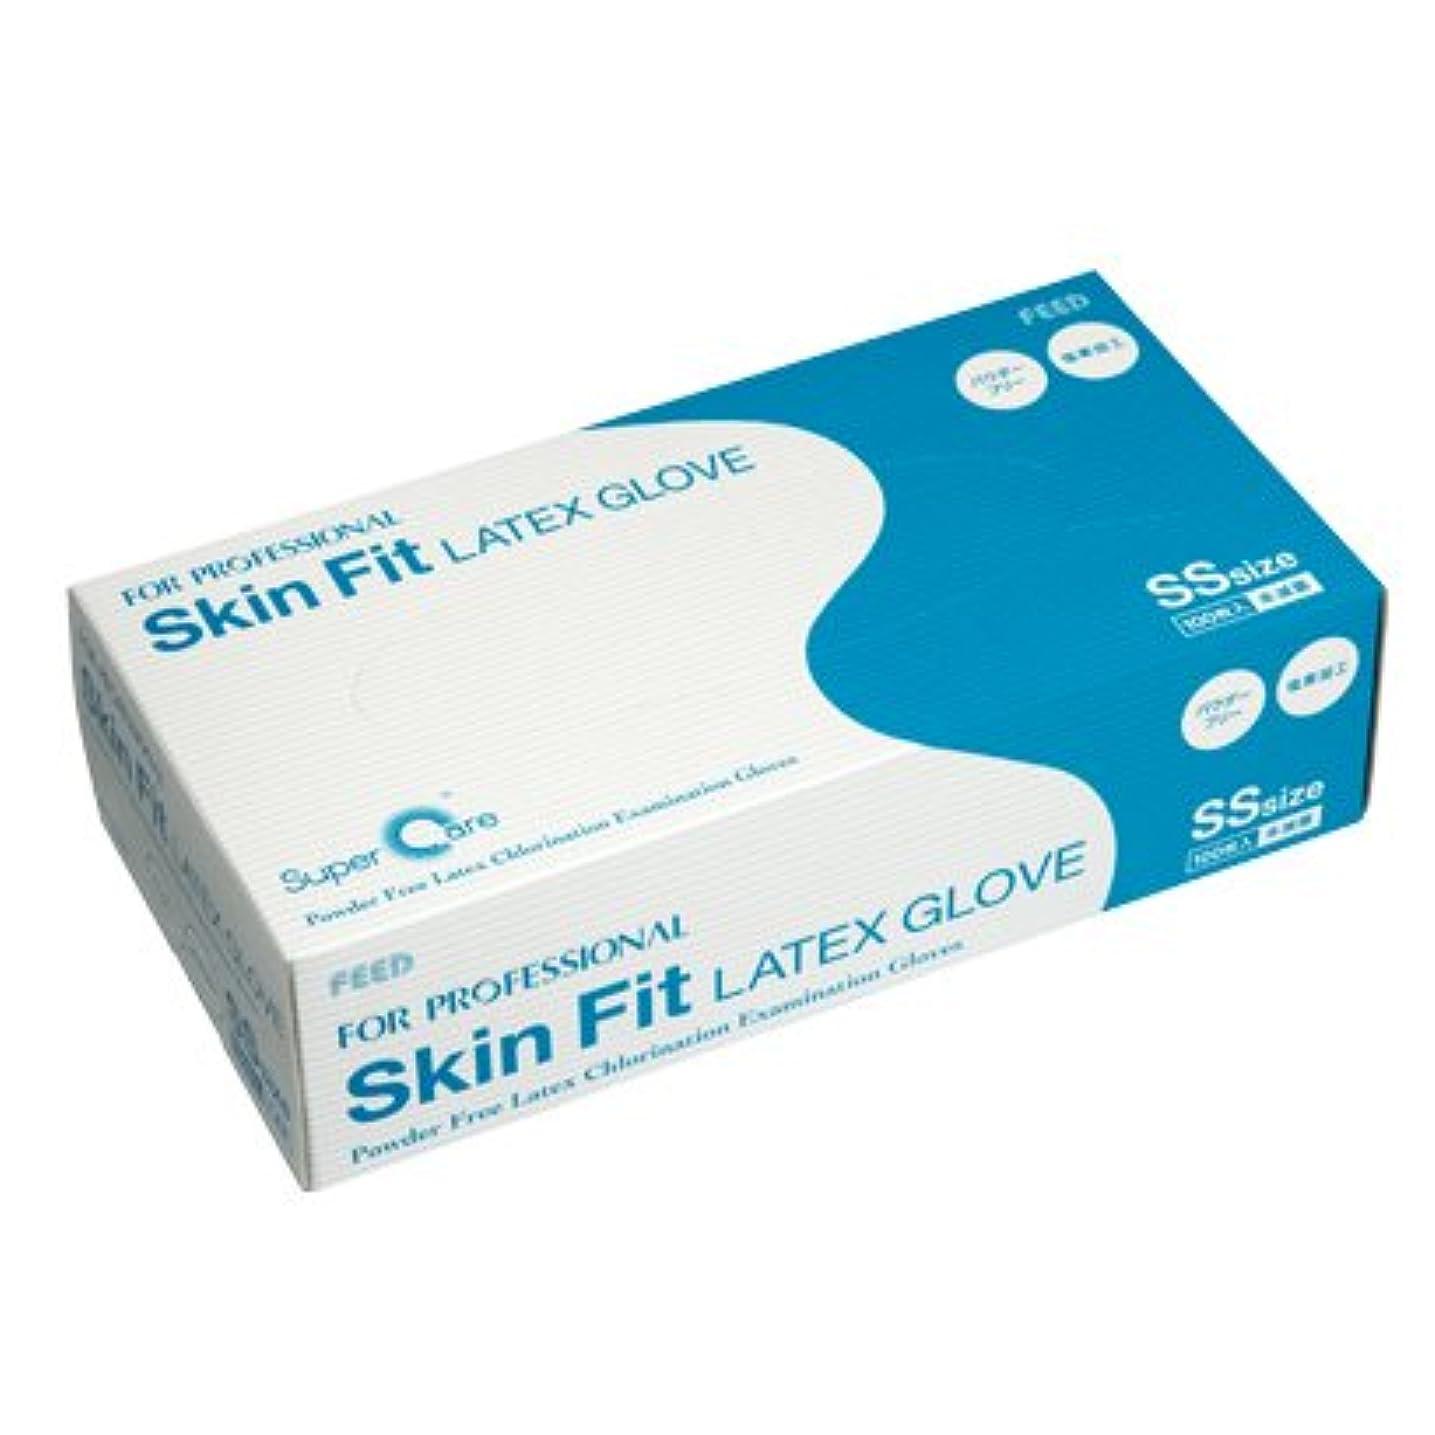 お手伝いさんスポーツマン六分儀FEED(フィード) Skin Fit ラテックスグローブ パウダーフリー 塩素加工 SS カートン(10ケース) (医療機器)